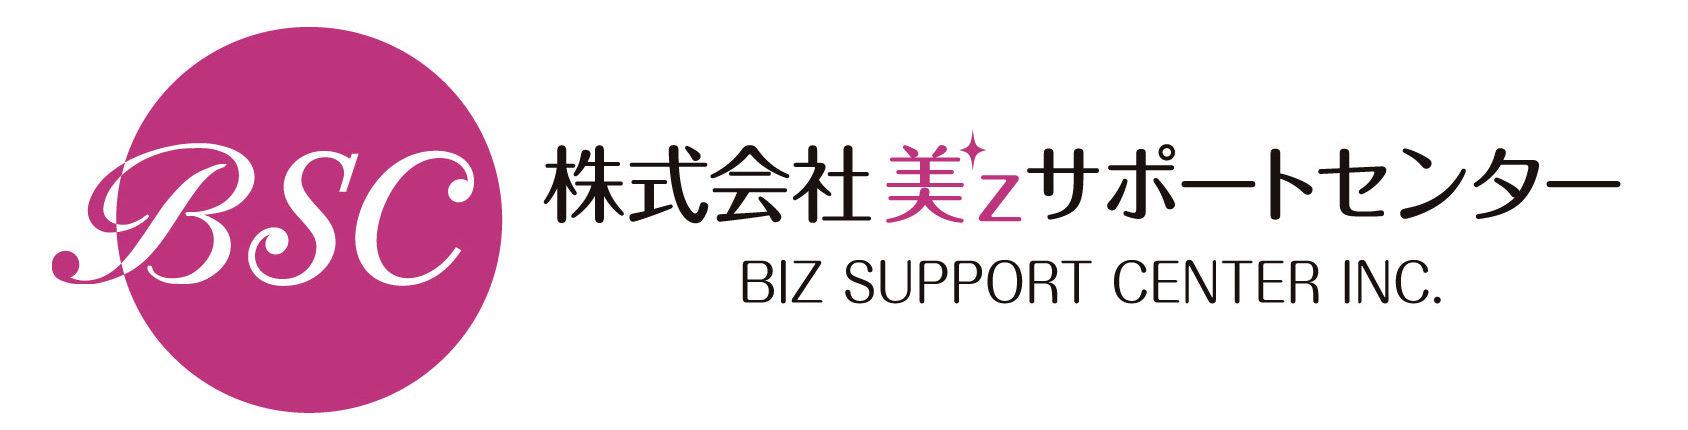 株式会社 美'zサポートセンター